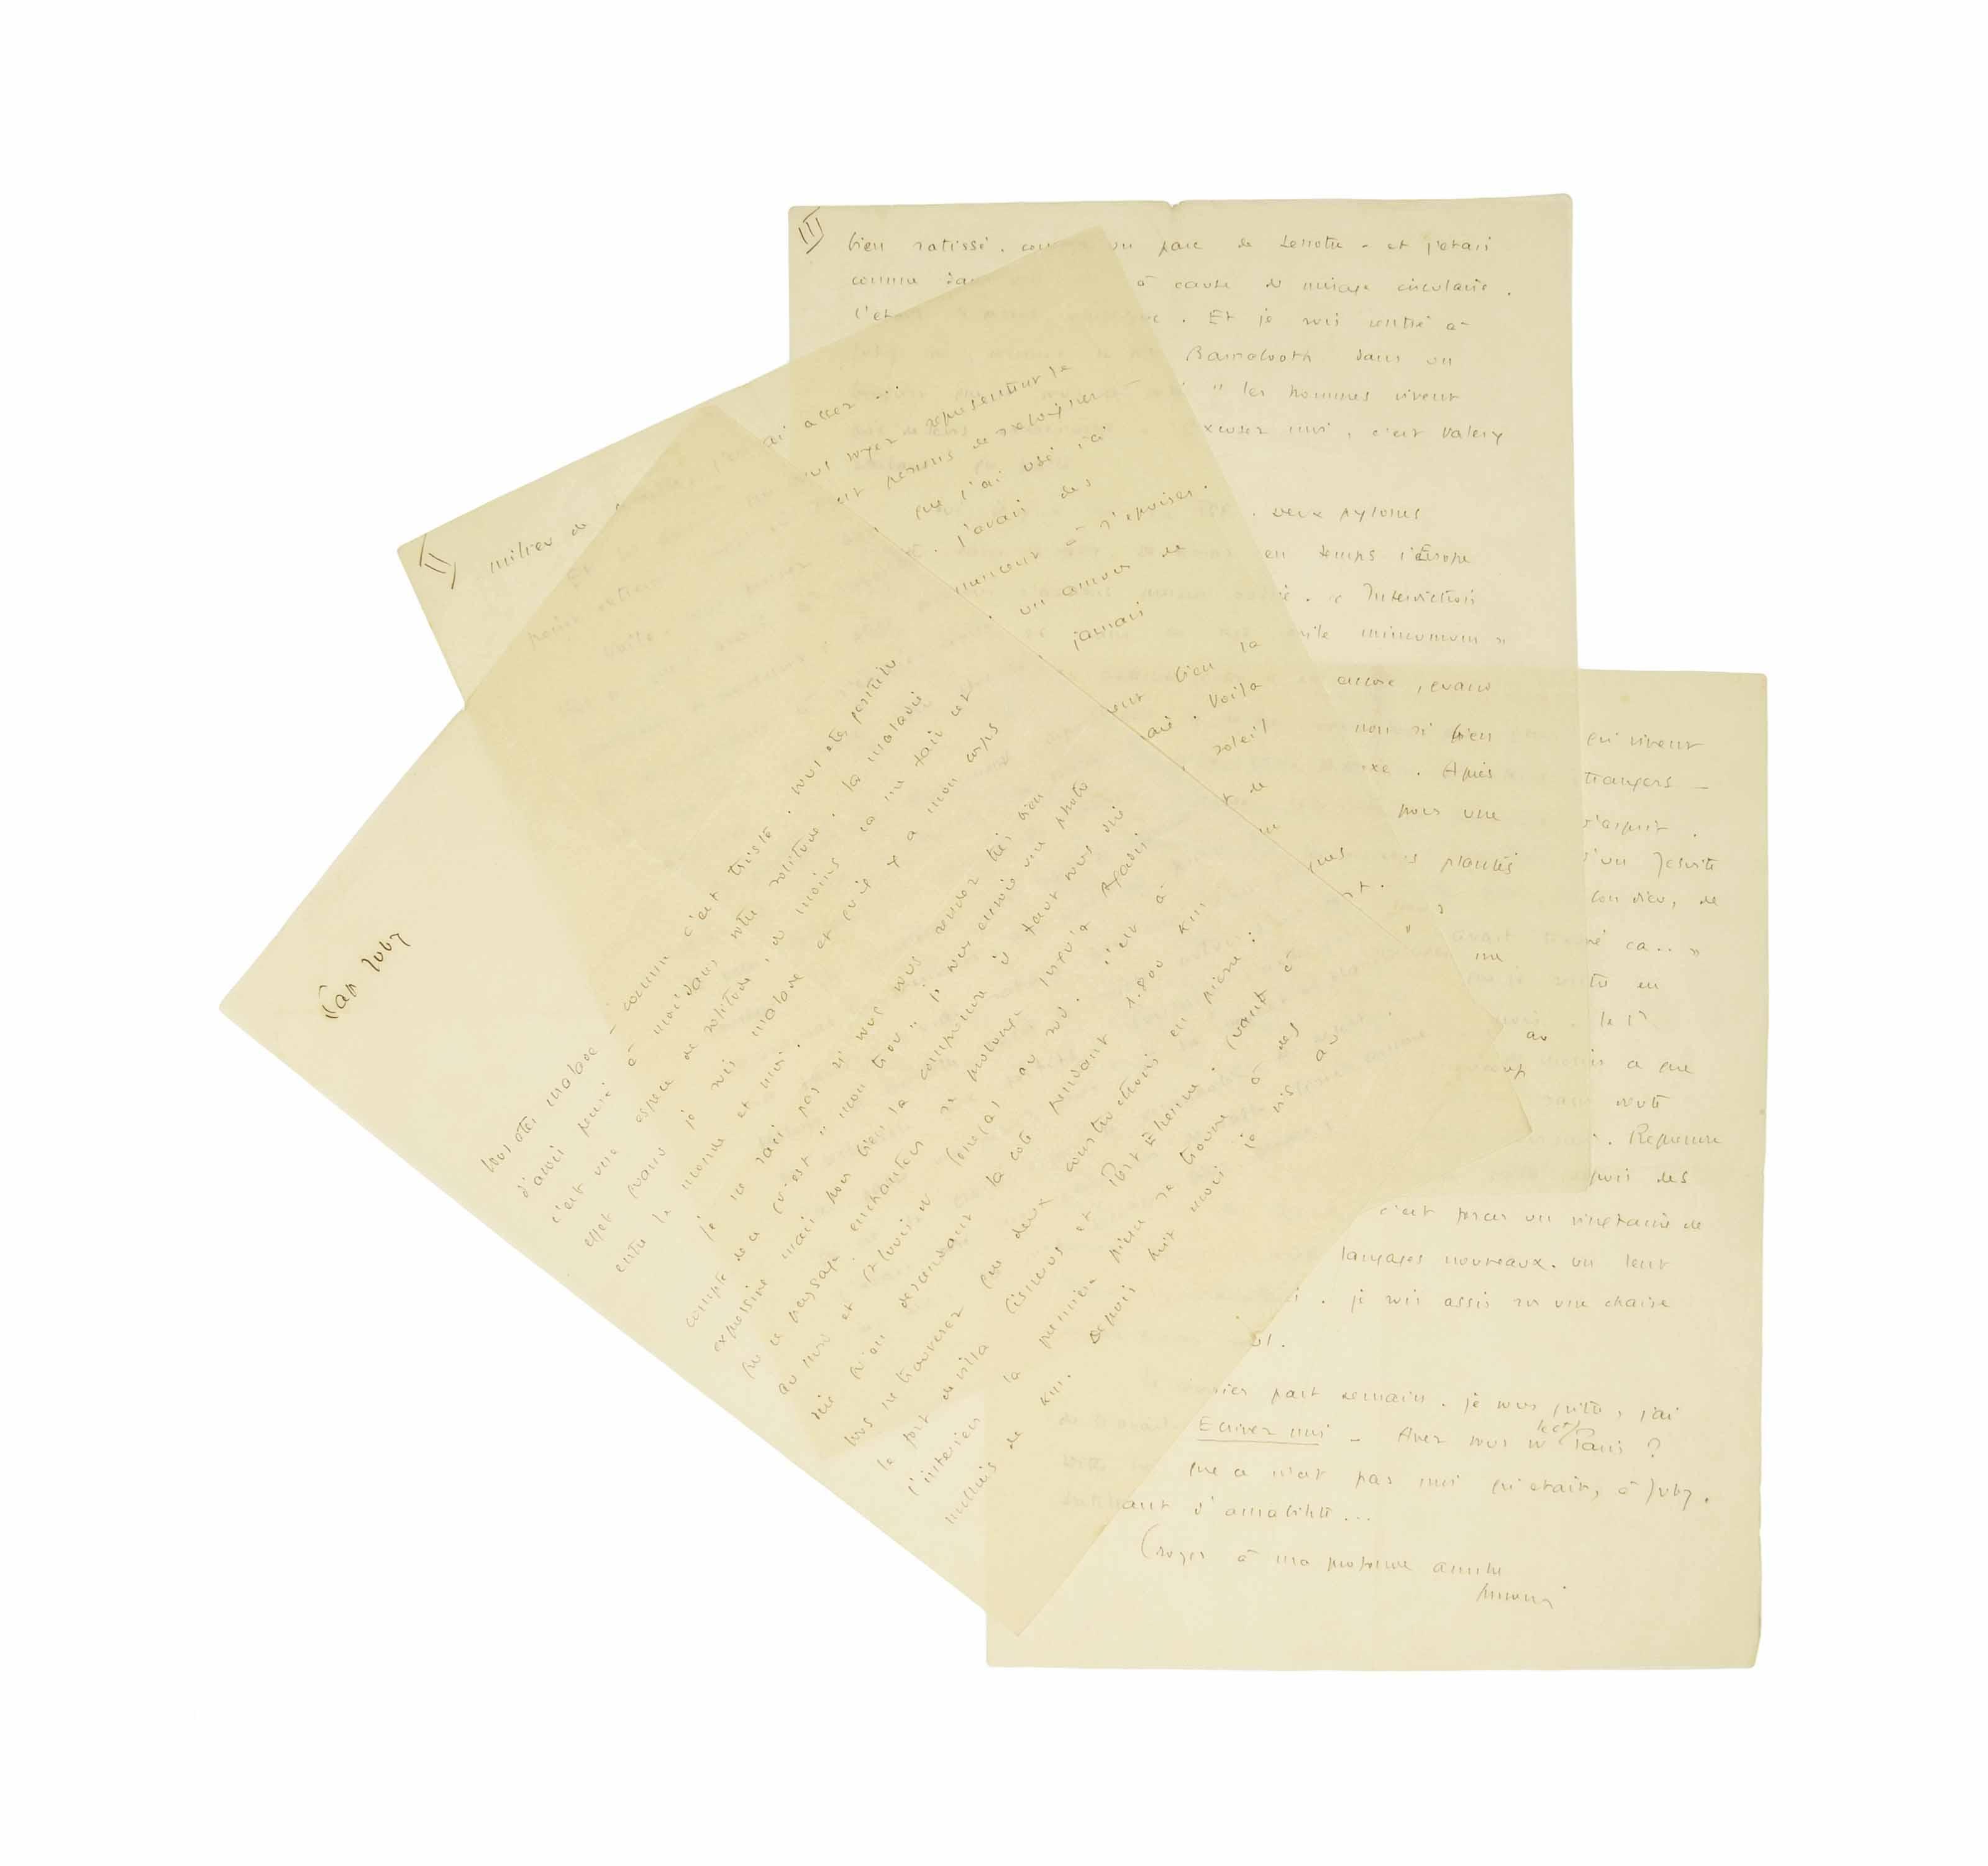 """SAINT-EXUPÉRY, Antoine de (1900-1944). Lettre autographe signée """"Antoine"""" à Lucie-Marie Decour. 4 pages sur 4 feuillets in-4 (266 x 205 mm) numérotés [I]-IV. Située à Cap Juby, s.d. [probablement juin 1928]. Encre sur papier pelure. (Traces de pliures.)"""